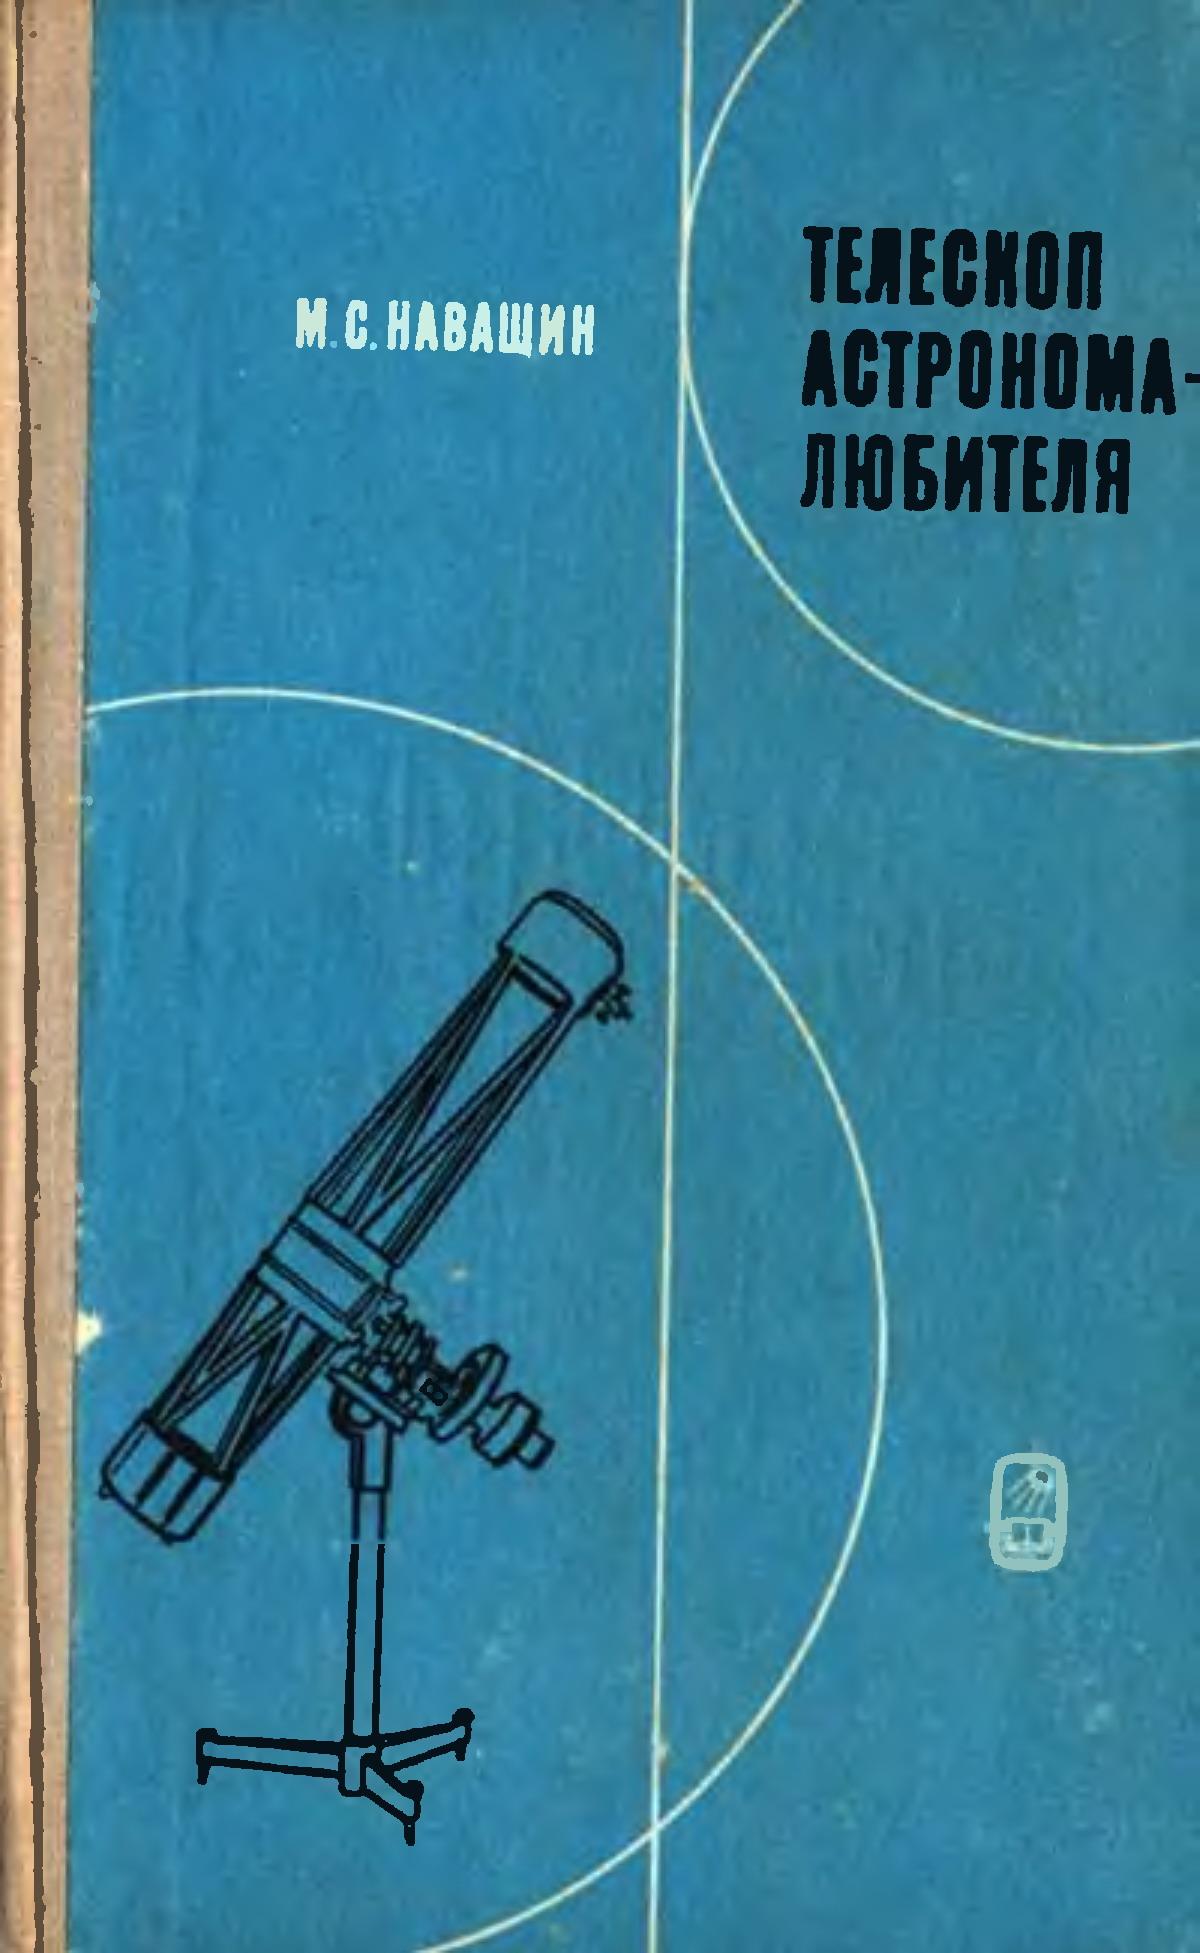 Навашин телескоп астронома любителя скачать pdf